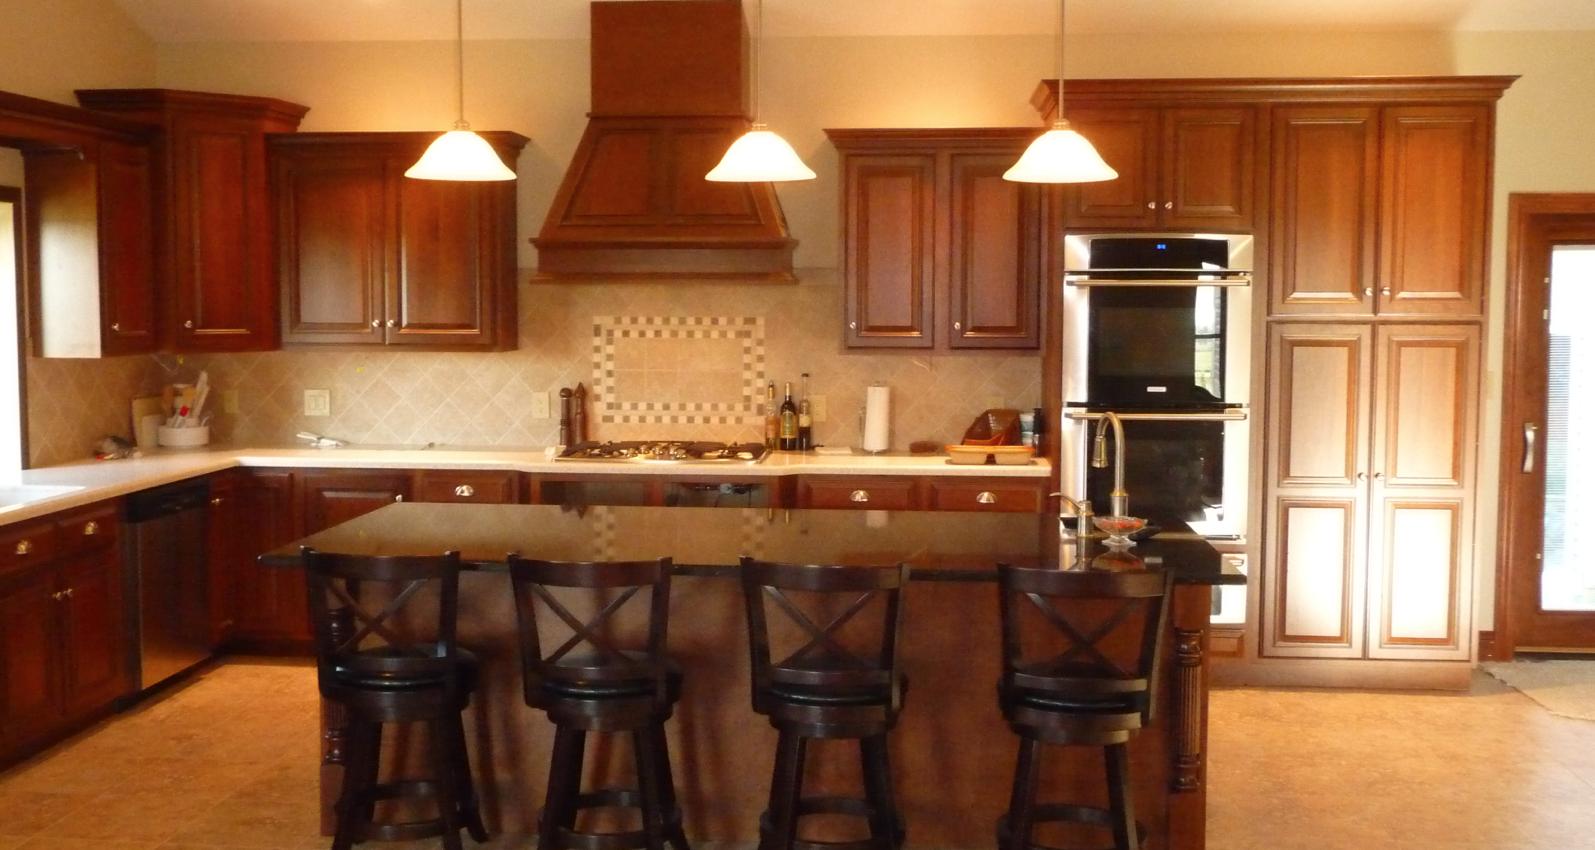 Kitchen remodeling making memories beautiful for Beautiful kitchen remodels